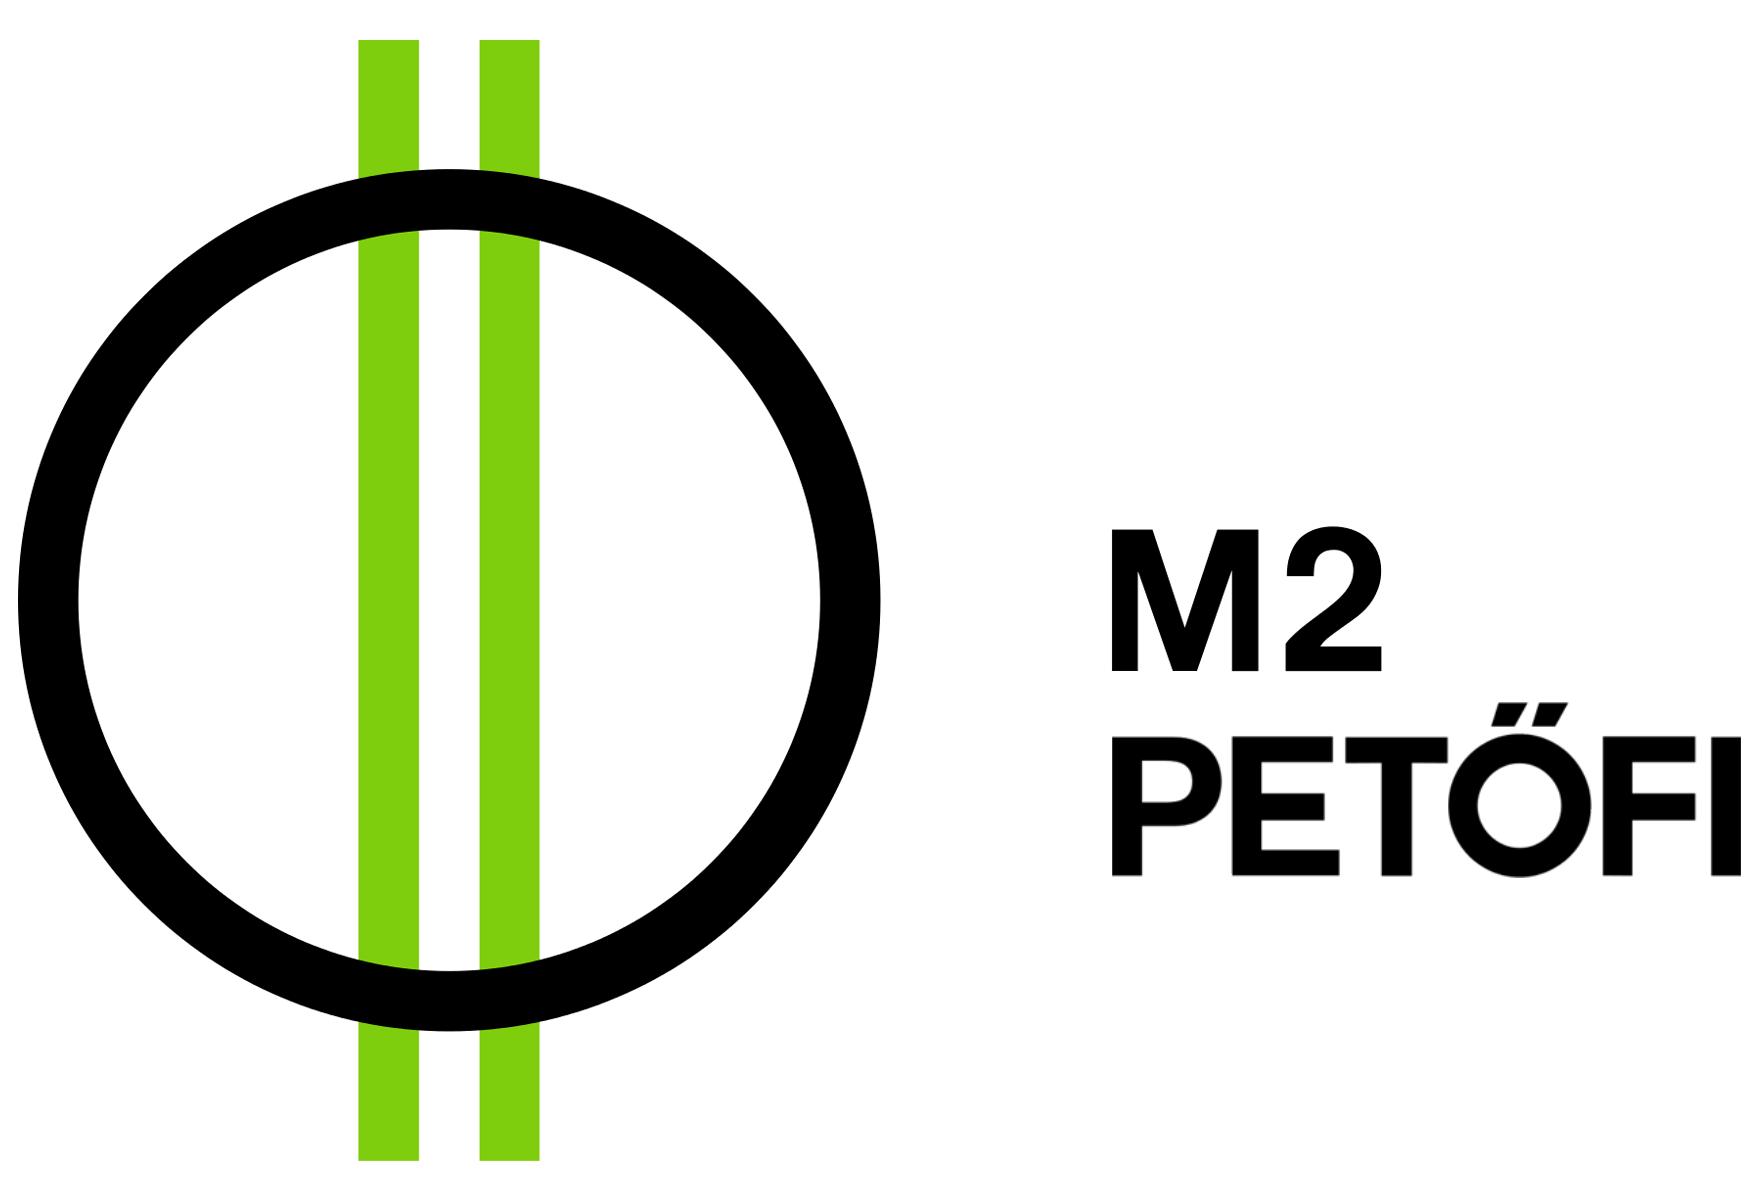 petofitv